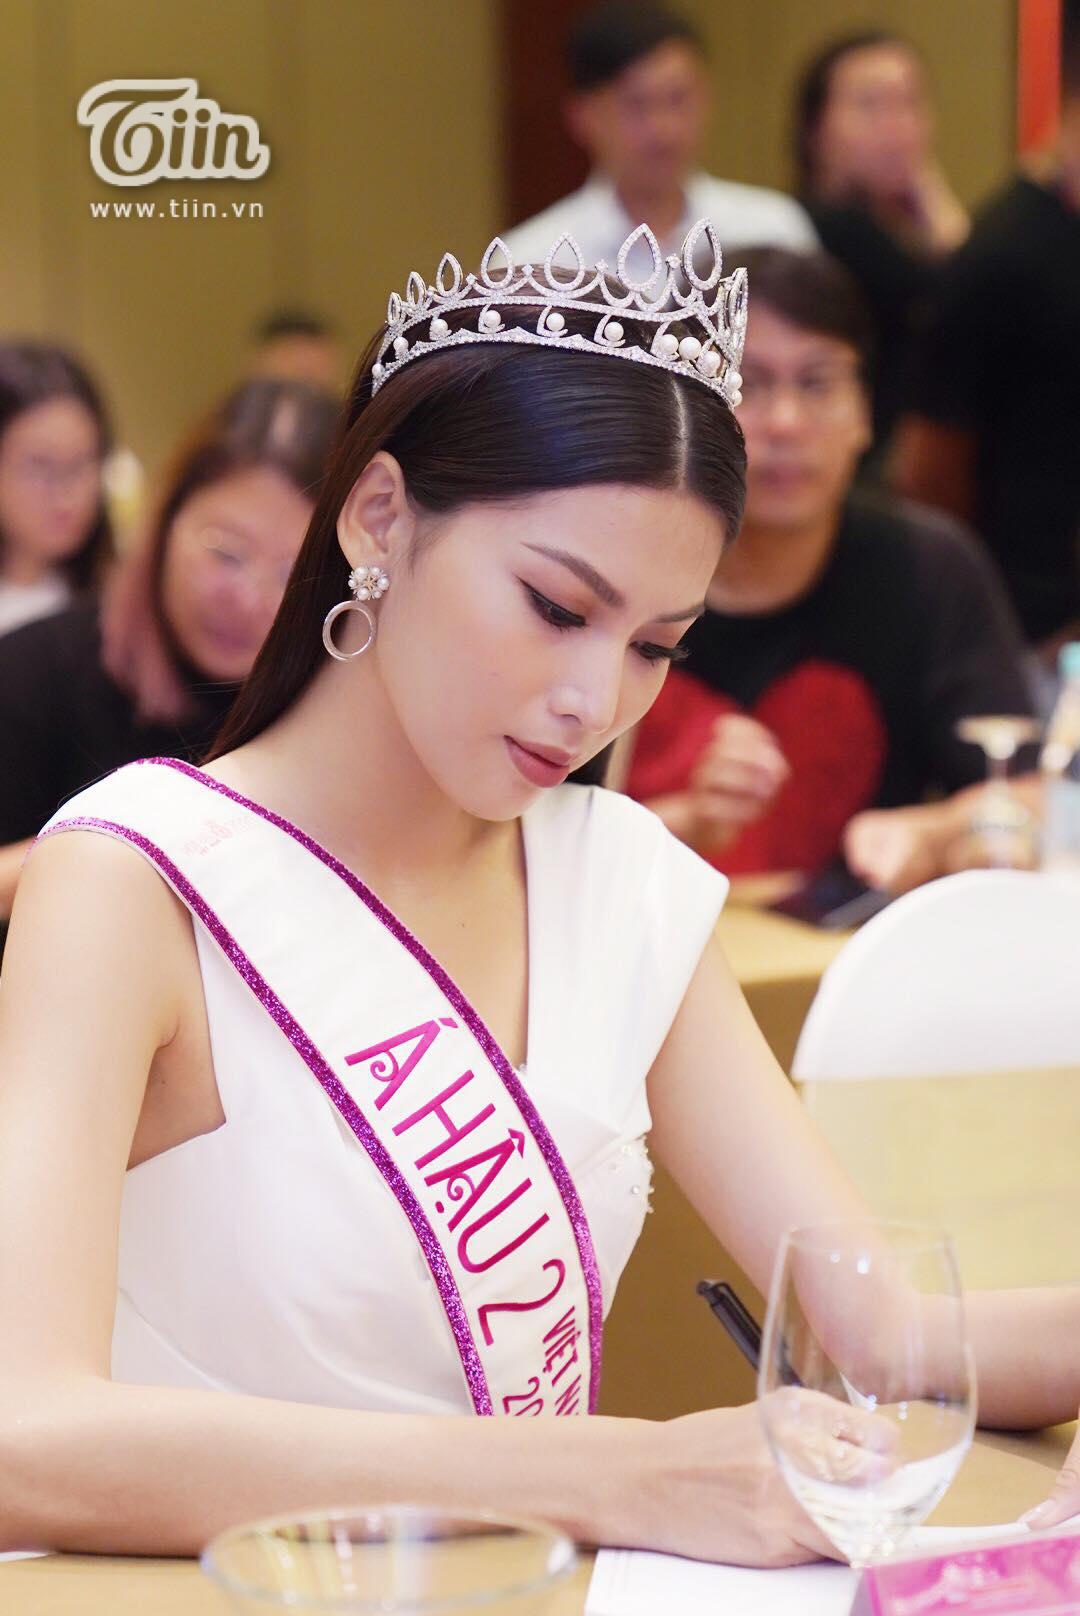 Á hậu 2 Ngọc Thảo lên tiếng về chuyện từng trình diễn với trang phục 'thiếu vải': 'Đây là công việc kiếm sống để nuôi bản thân và các em' 2